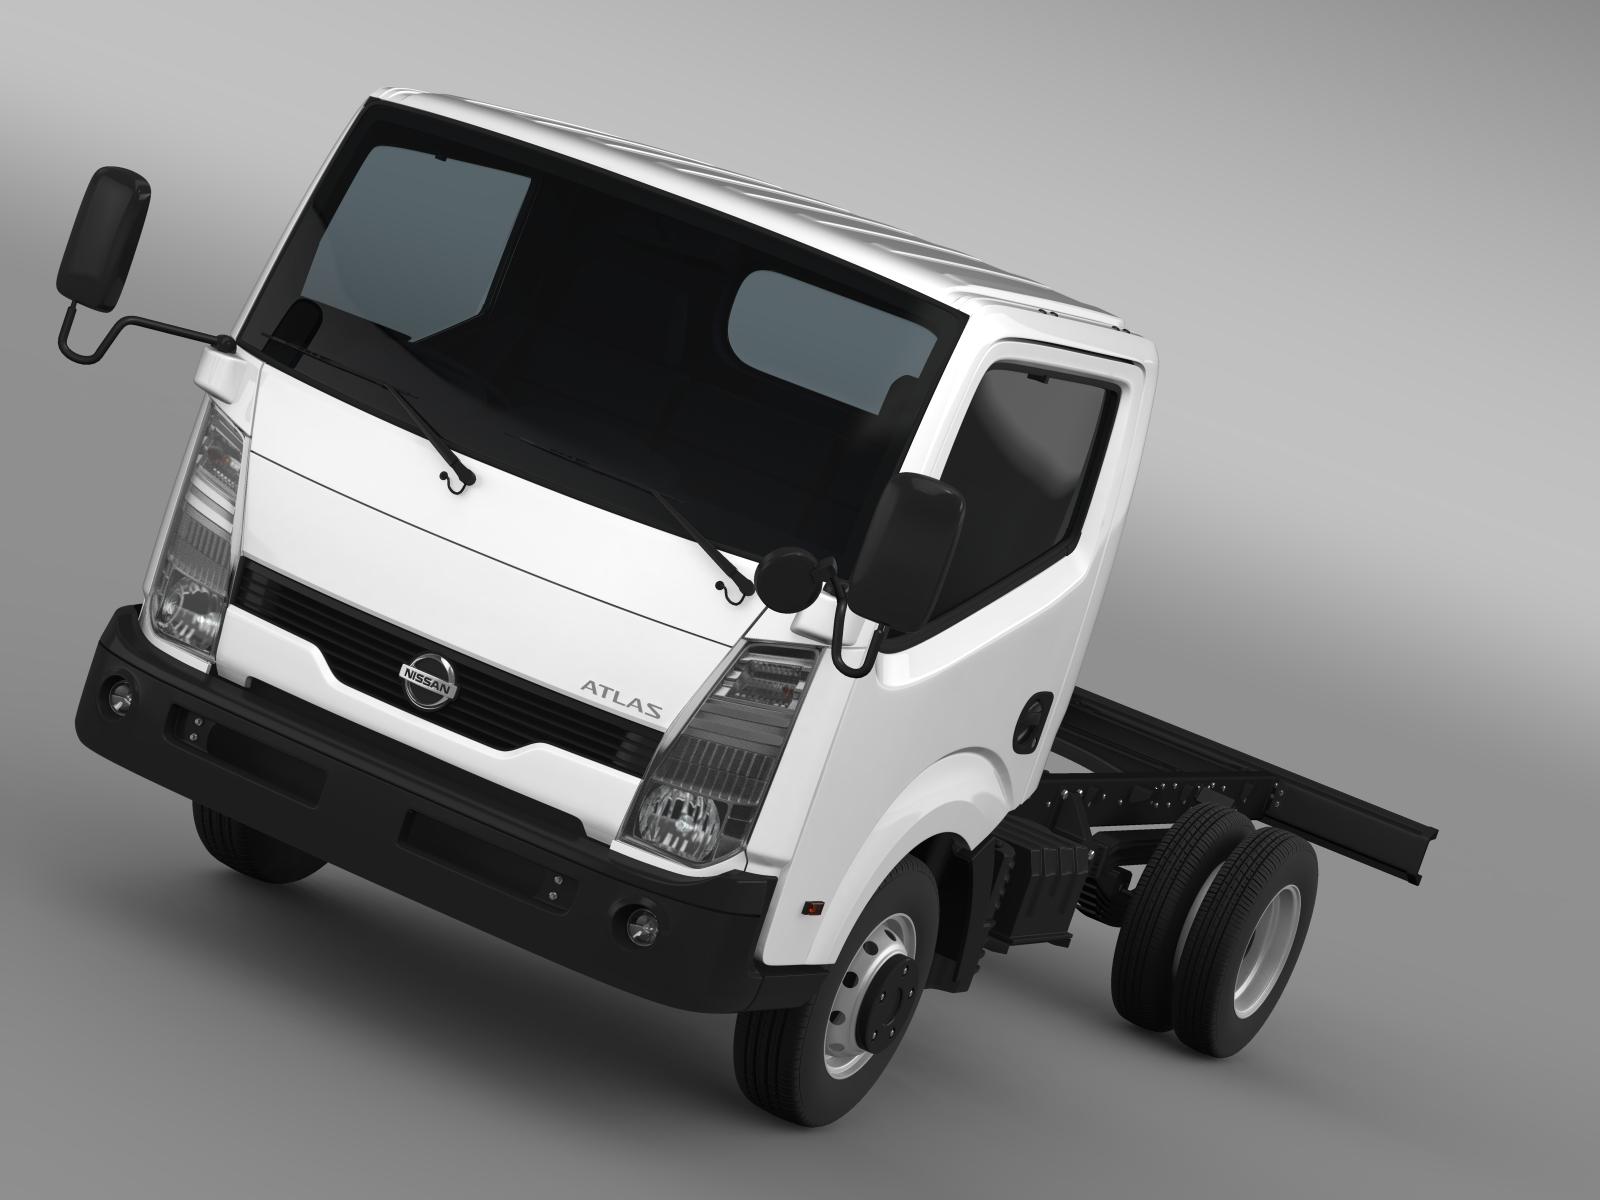 Nissan Atlas Chassi 2013 3d model 3ds max fbx c4d lwo ma mb hrc xsi obj 208550